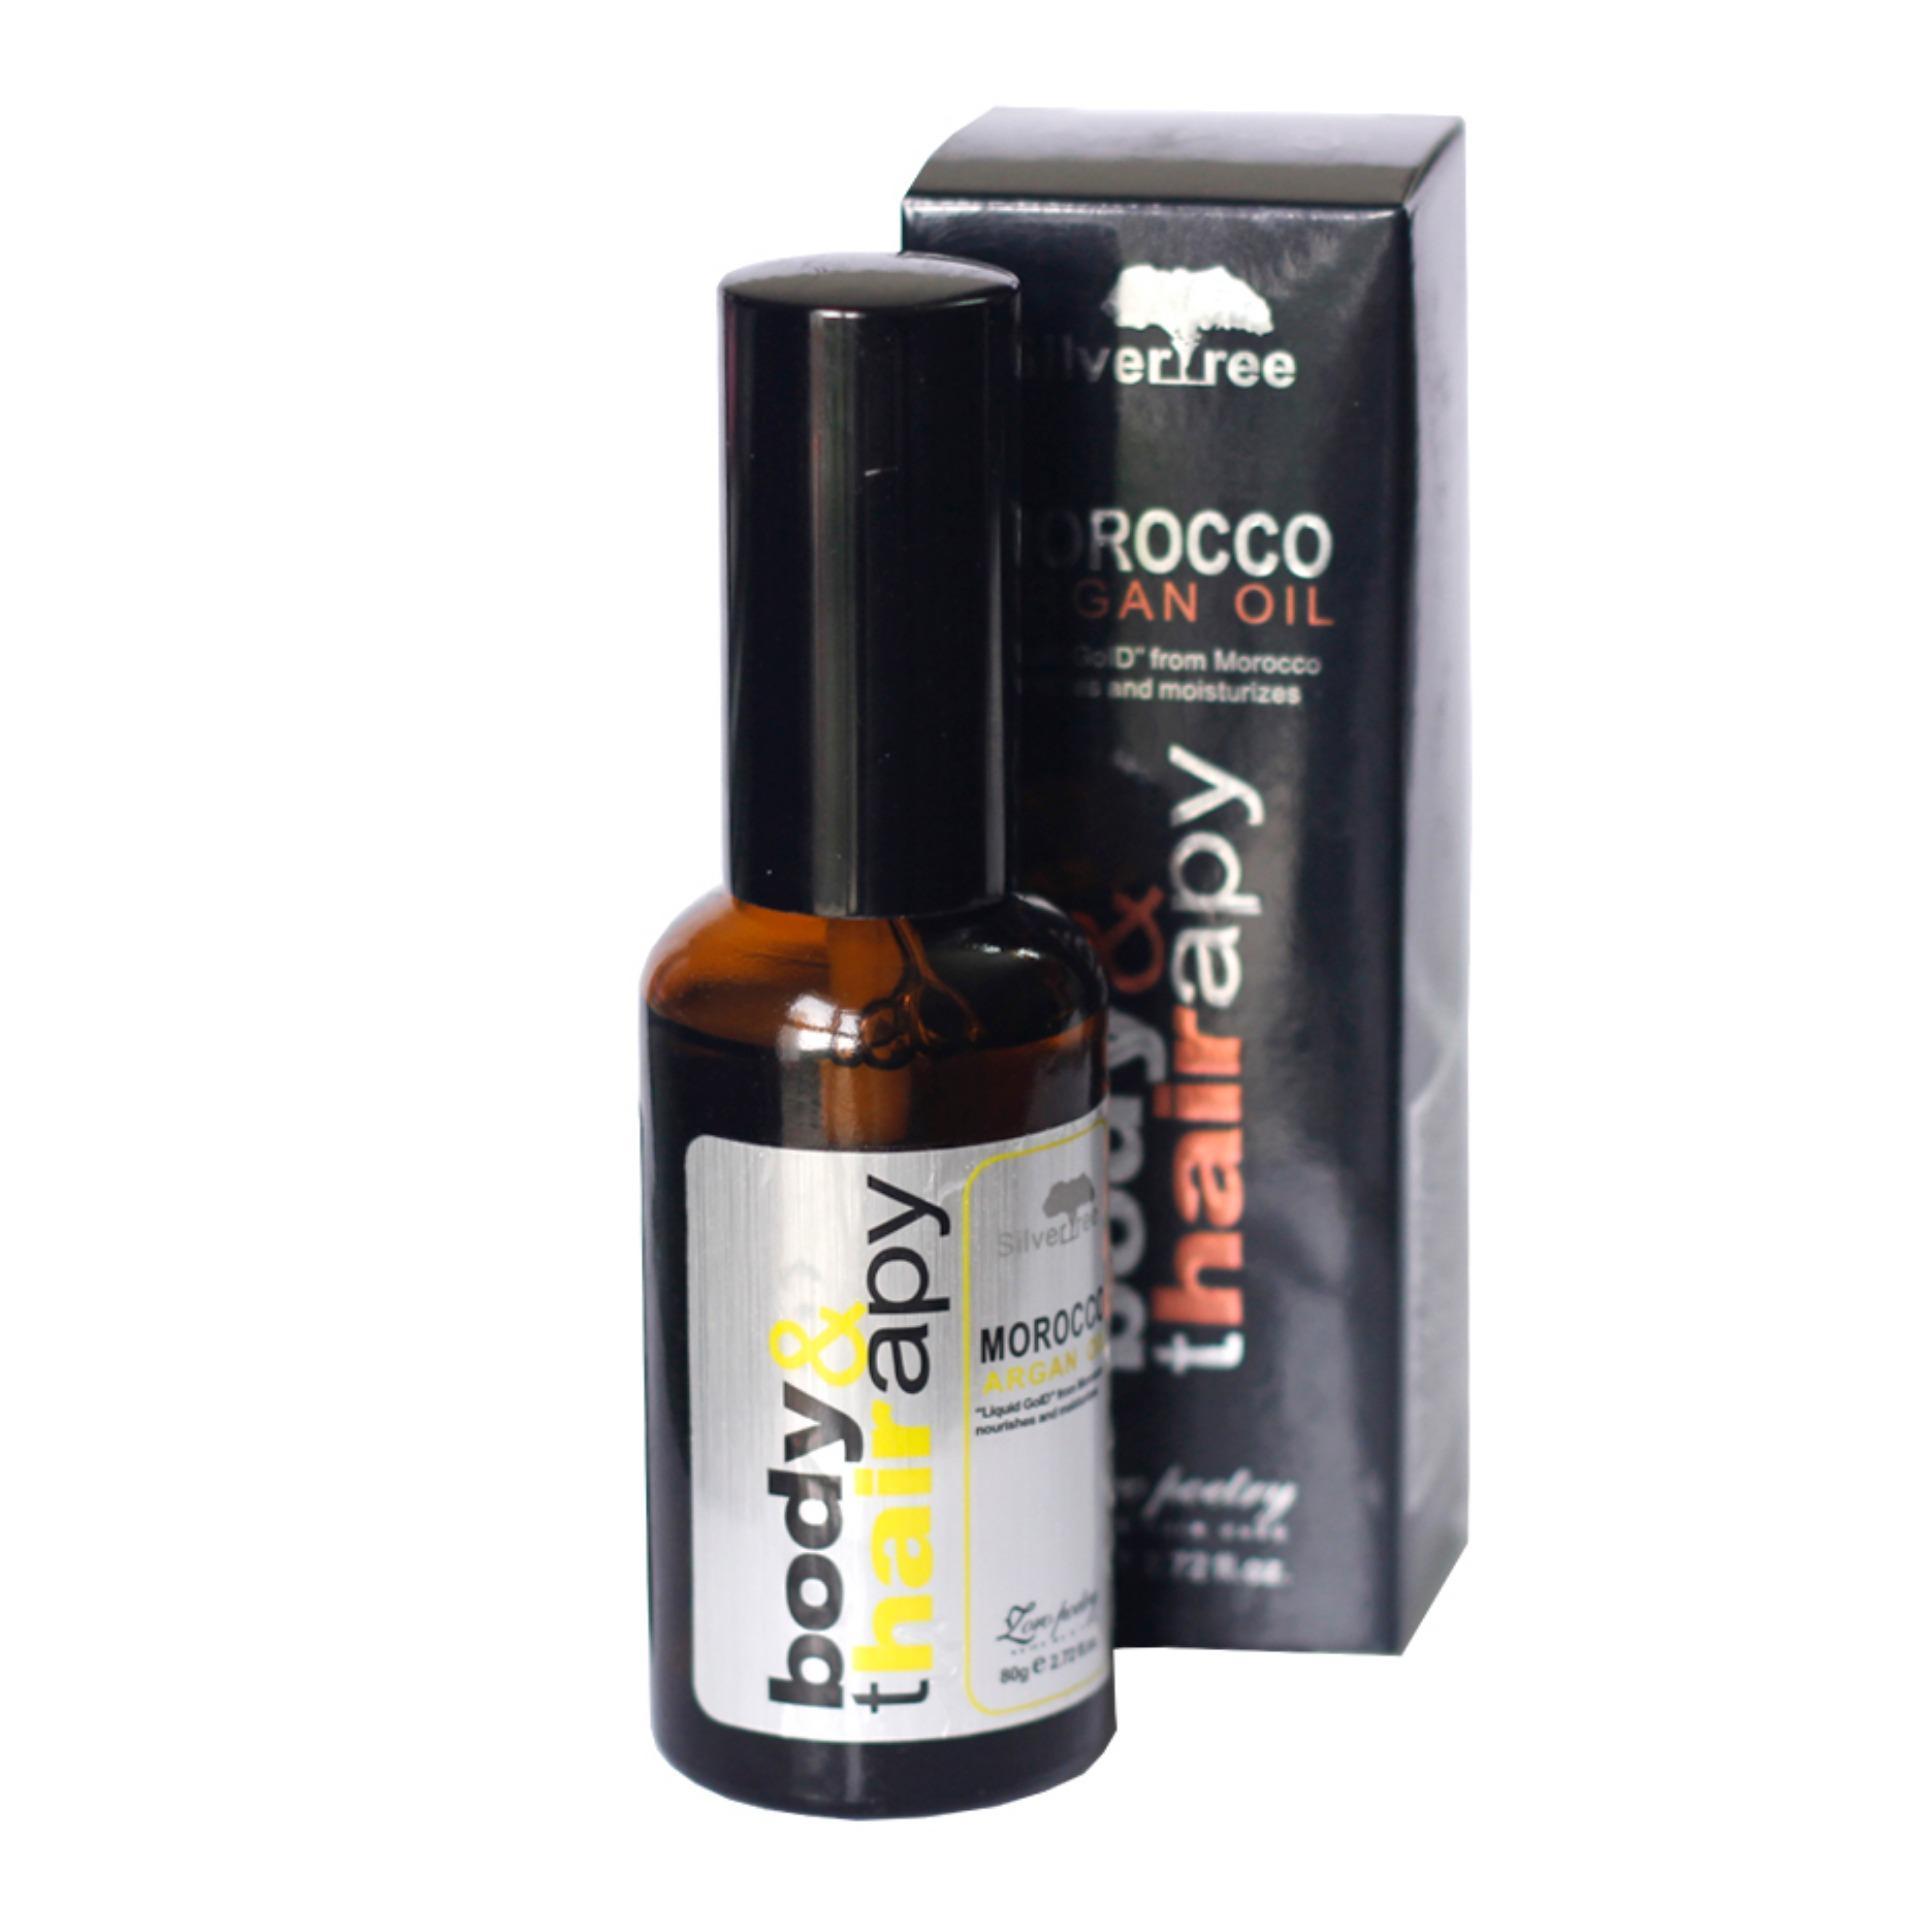 Tinh dầu Morocco dưỡng tóc mềm mượt chiết xuất từ quả Argan tốt nhất